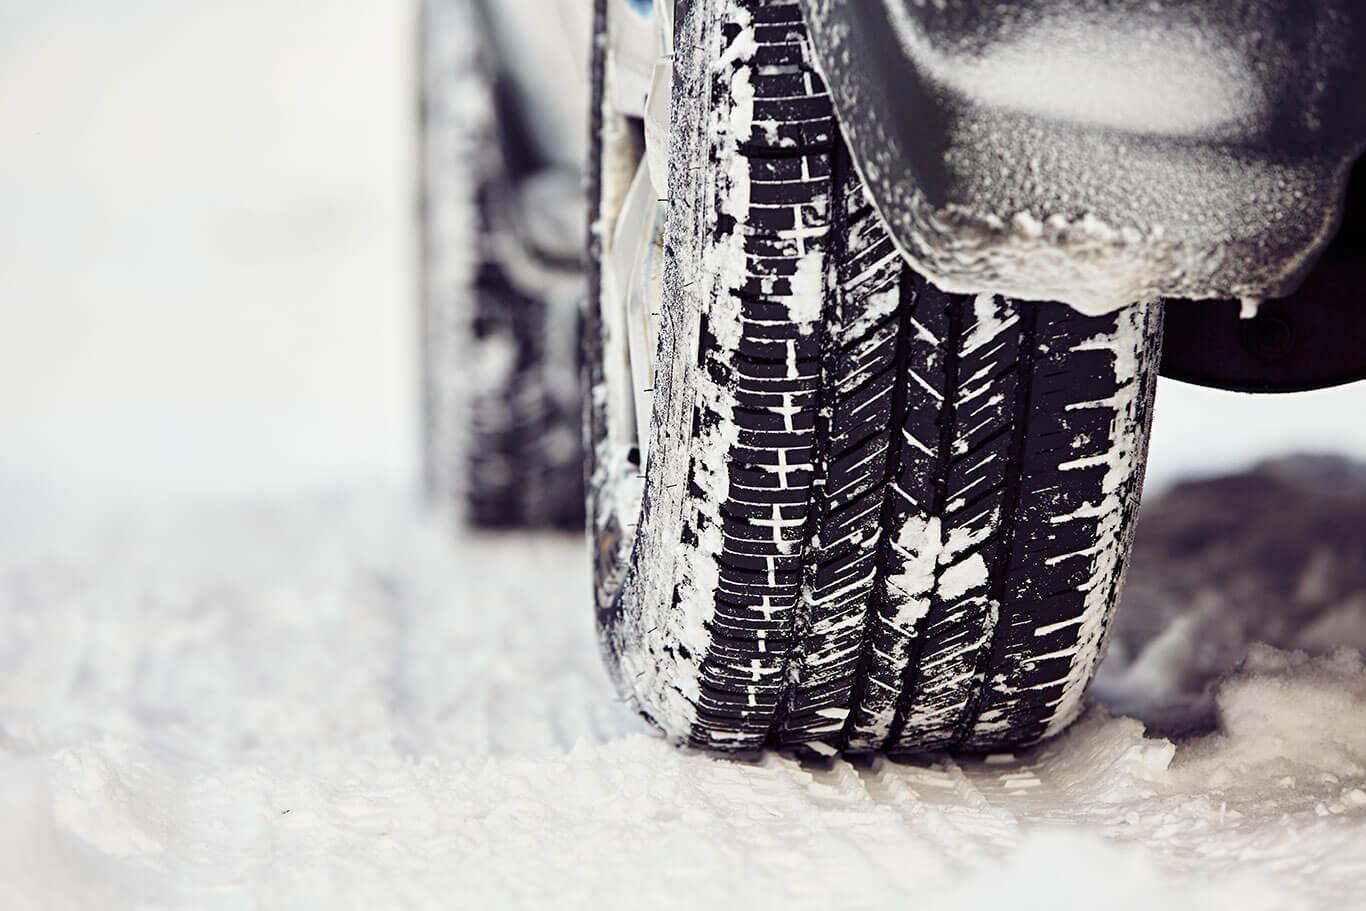 zimna guma na snehu